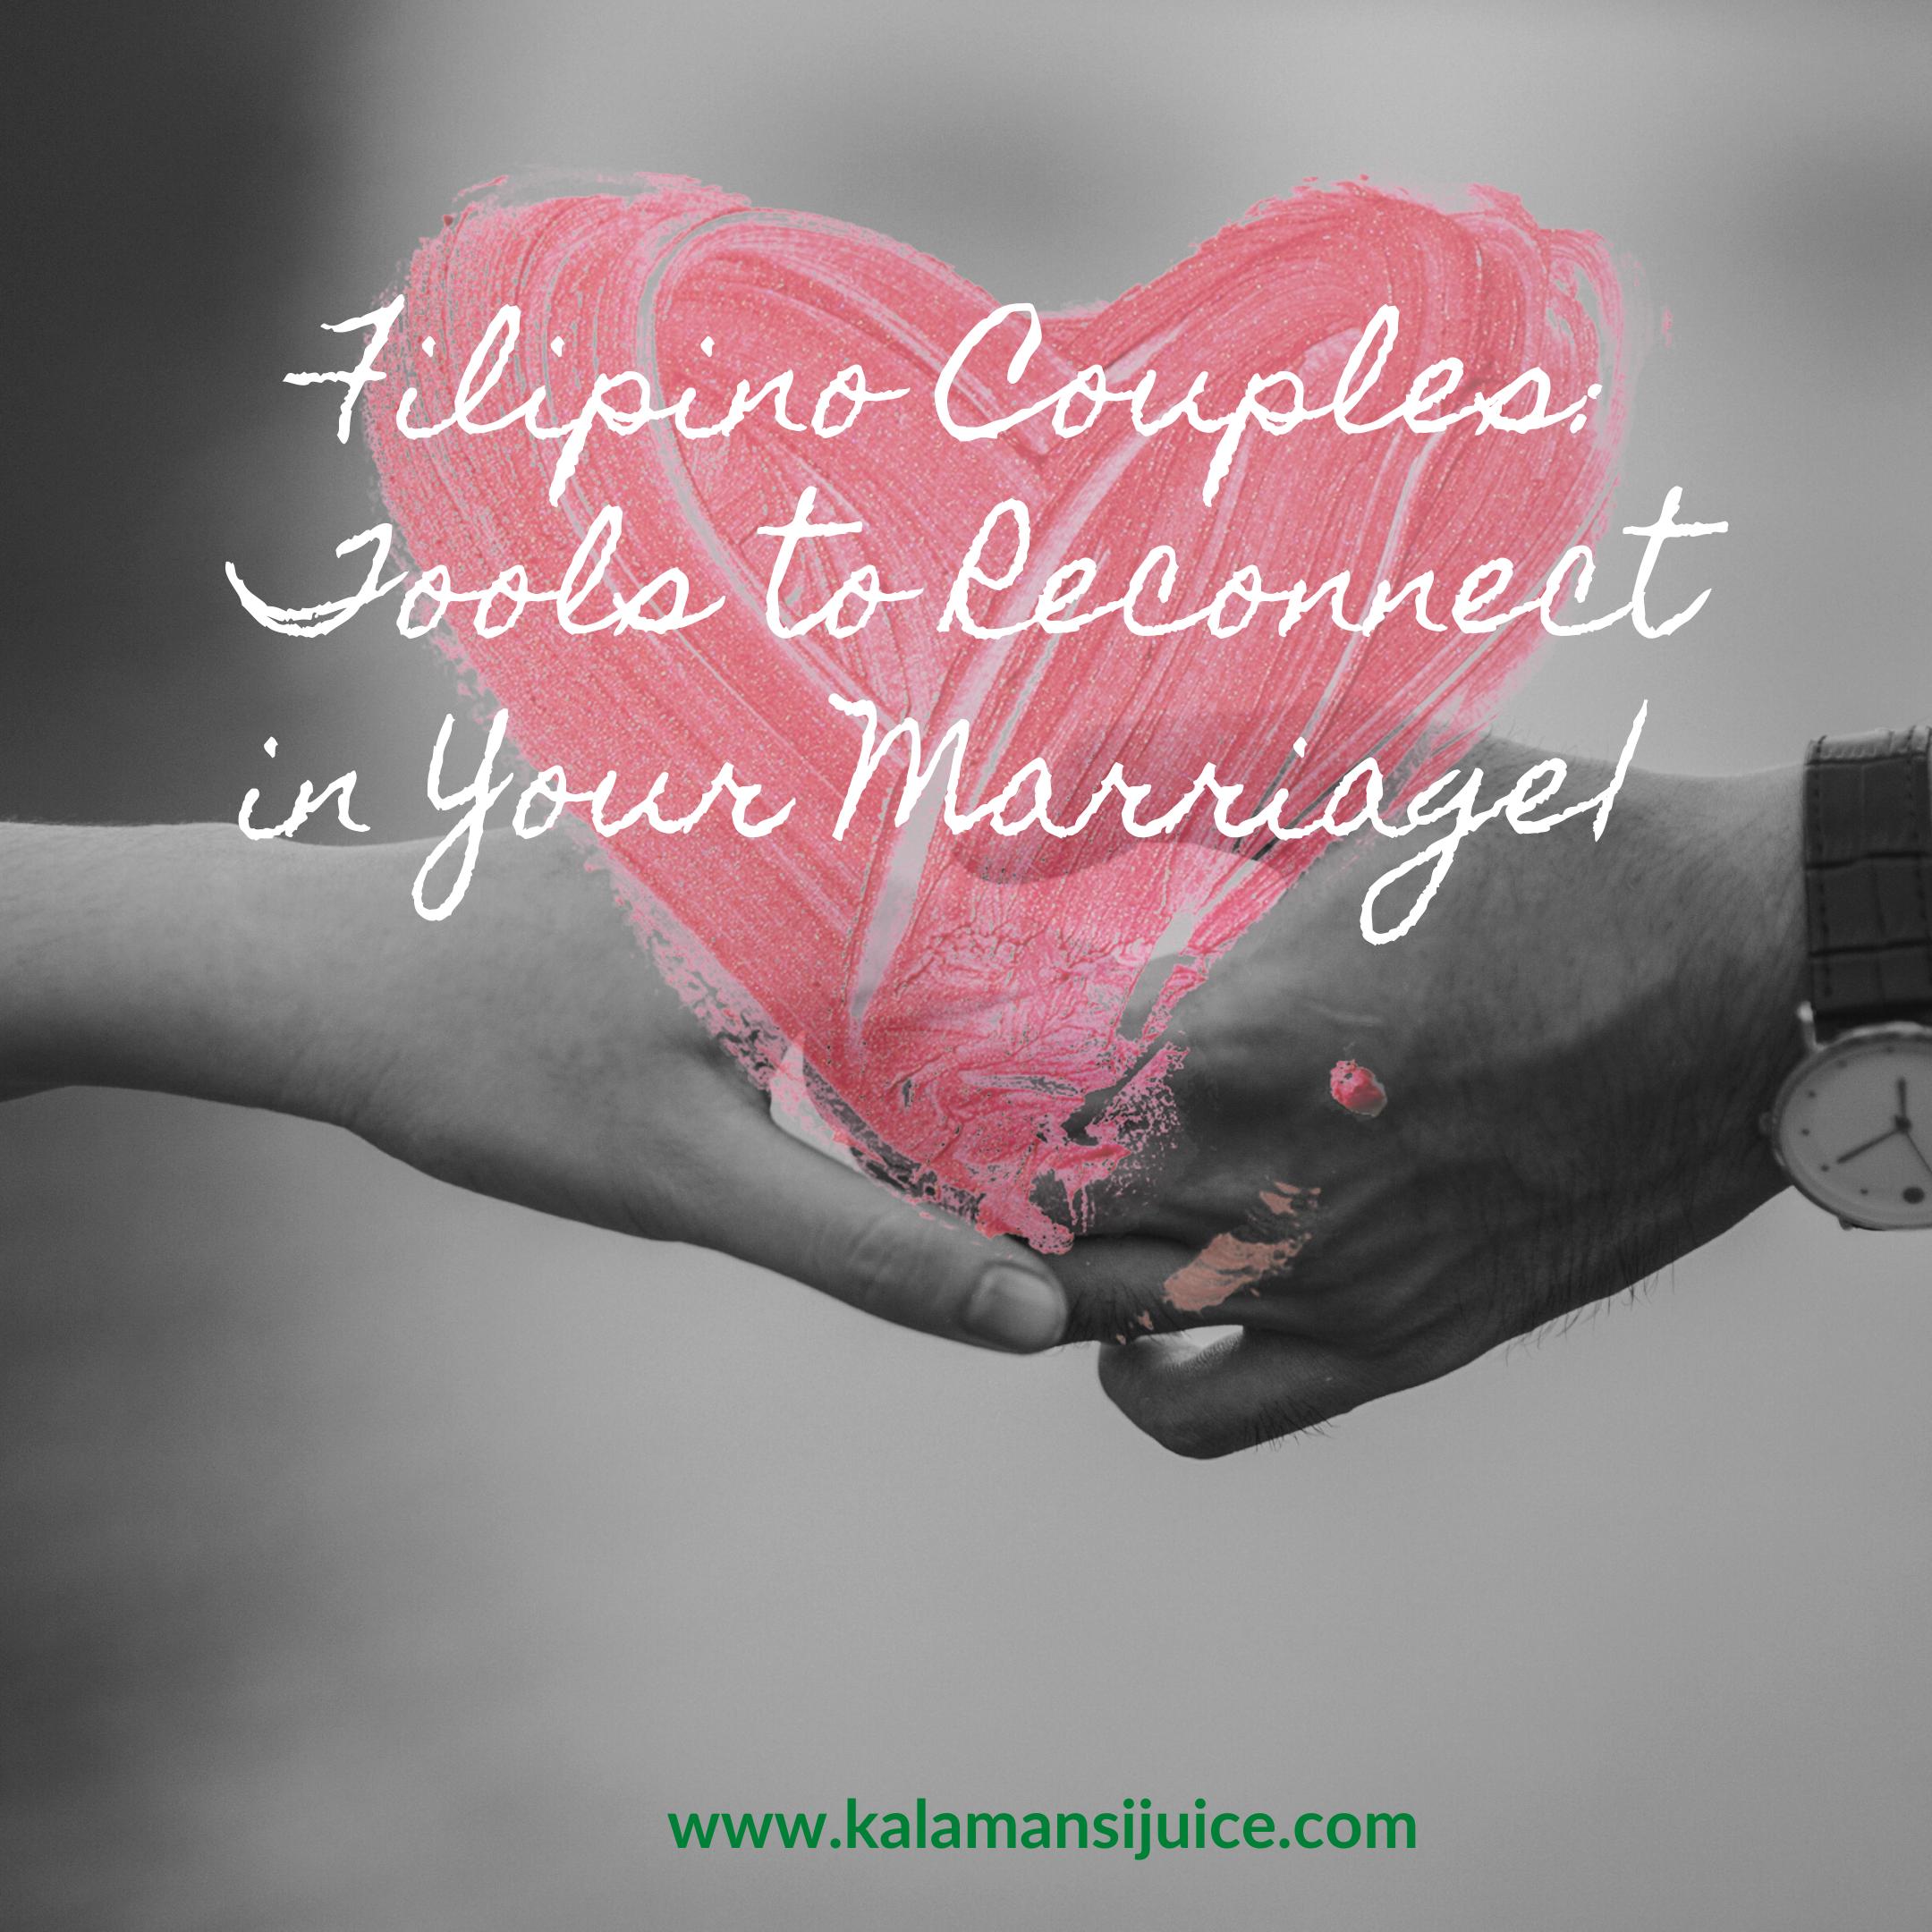 filipino marriage counseling